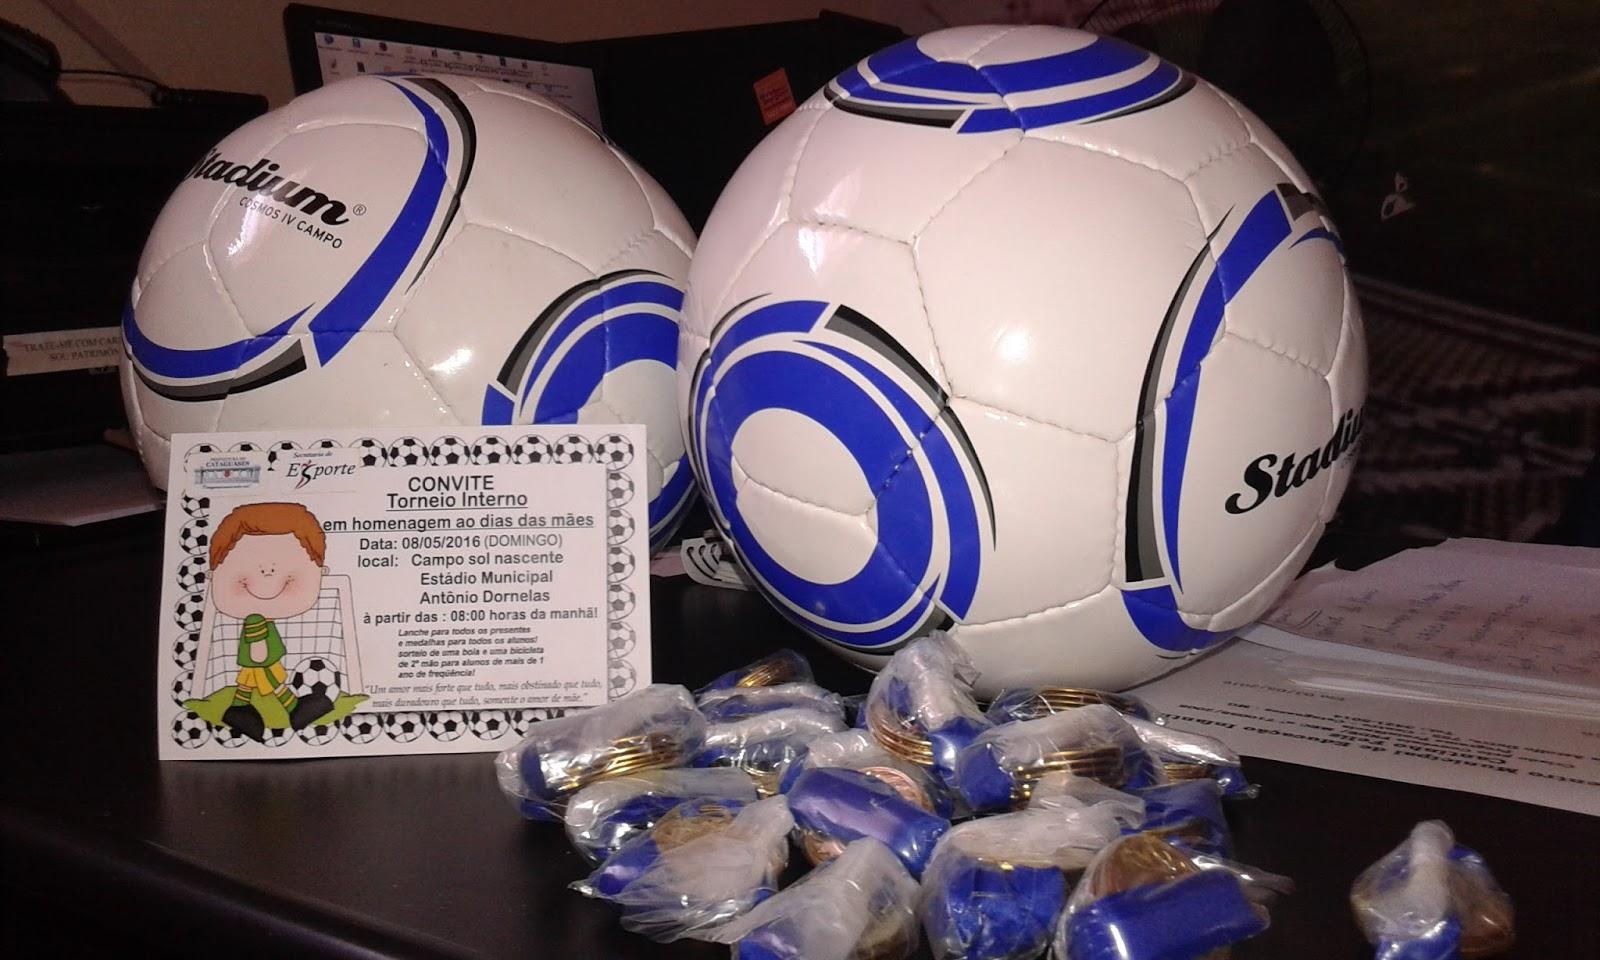 Incentivar a família e o esporte amador e a prática de atividades físicas  para juventude. É com esse objetivo que a Secretaria de Esportes de  Cataguases 15359a9c8a872